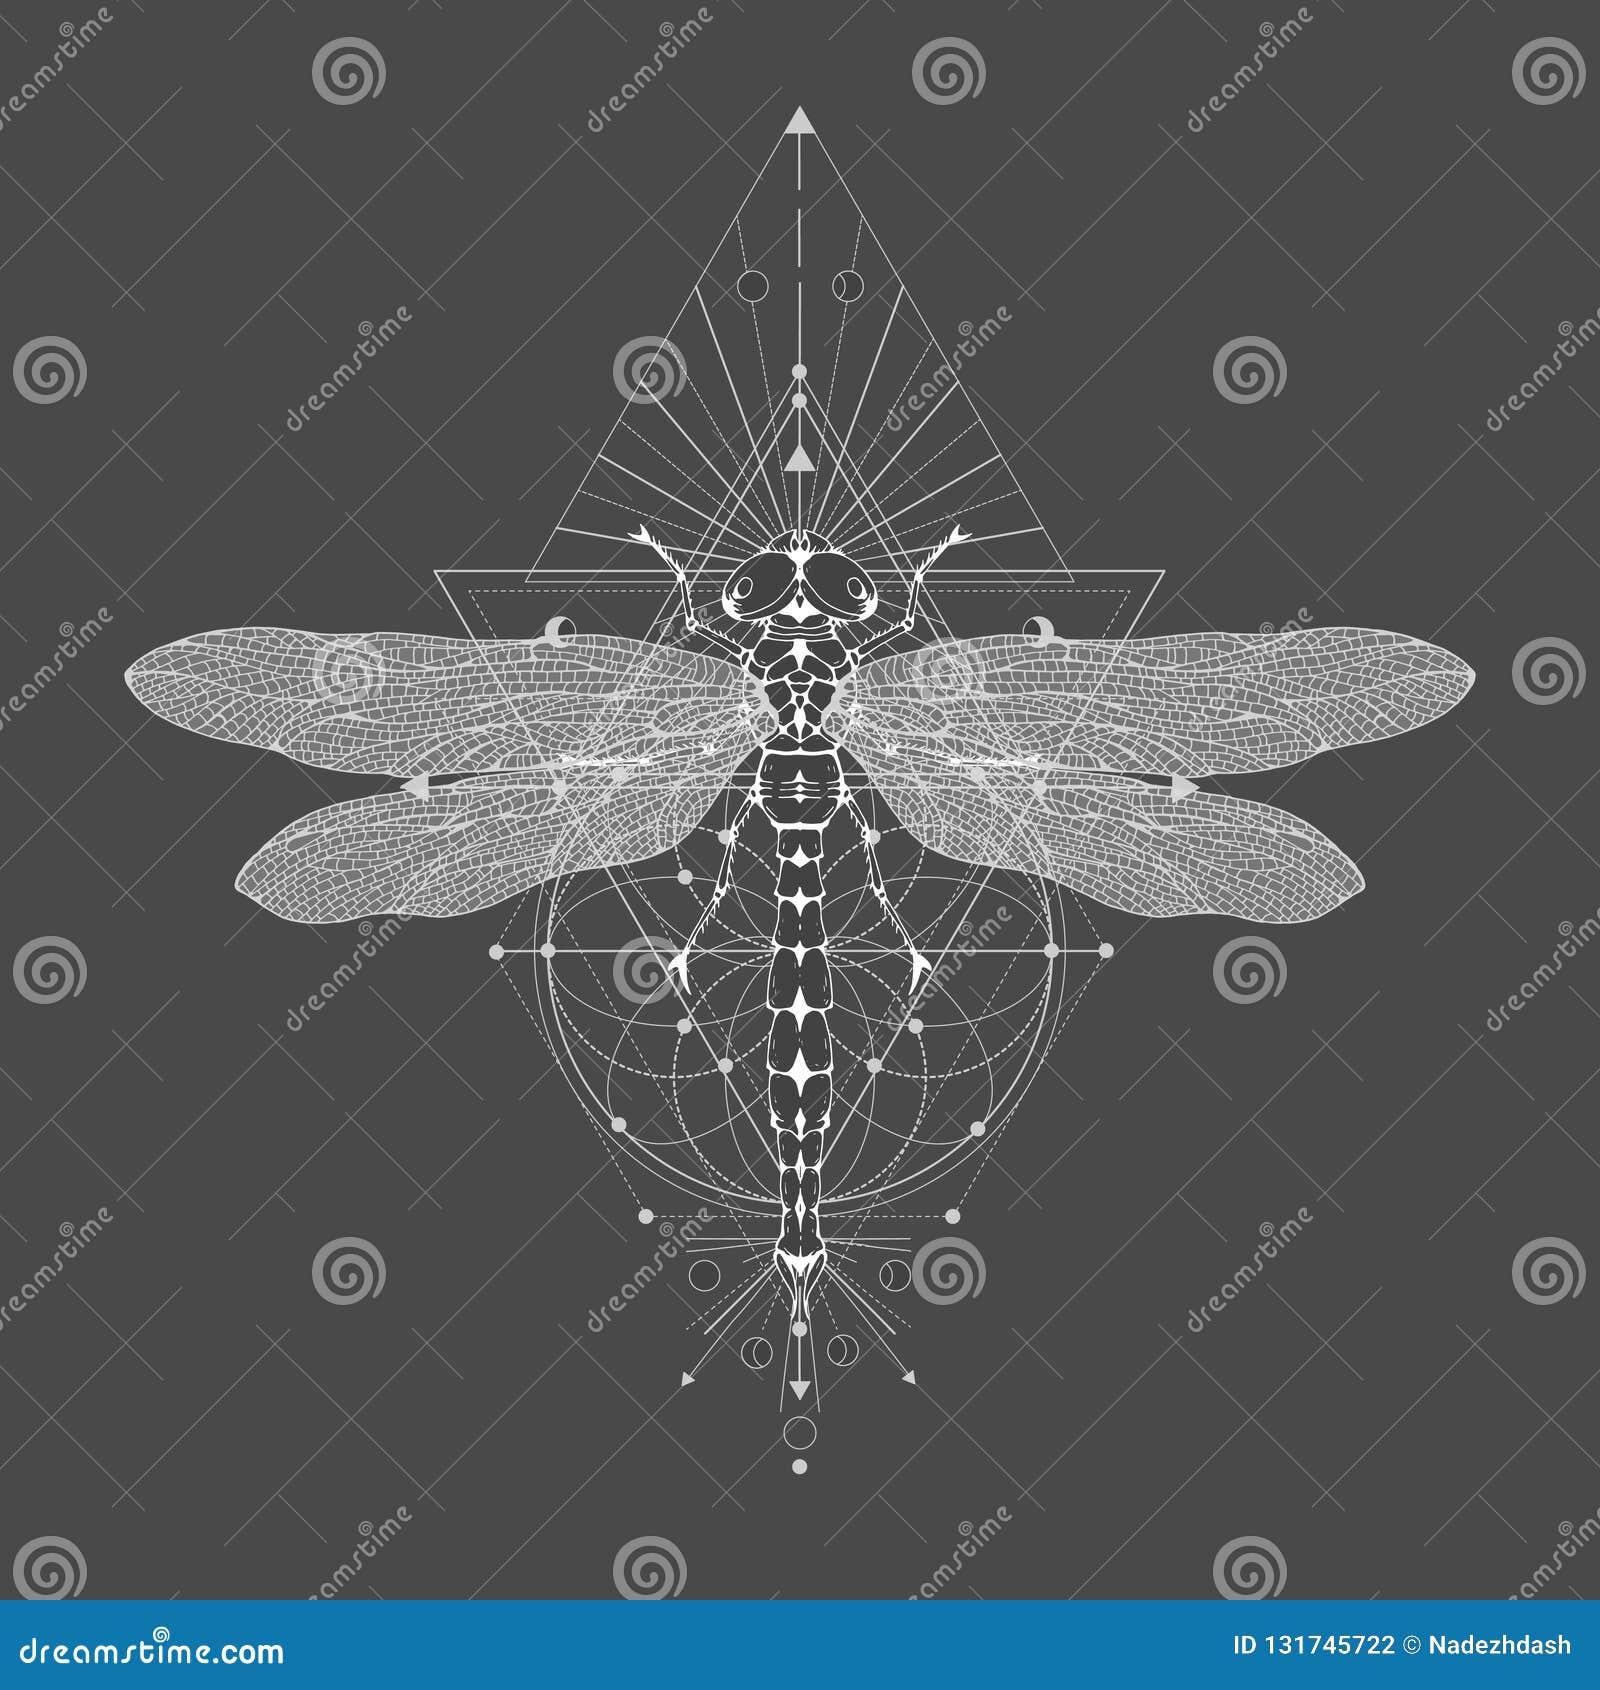 Vectorillustratie met hand getrokken libel en Heilig geometrisch symbool op zwarte uitstekende achtergrond Abstract mysticusteken